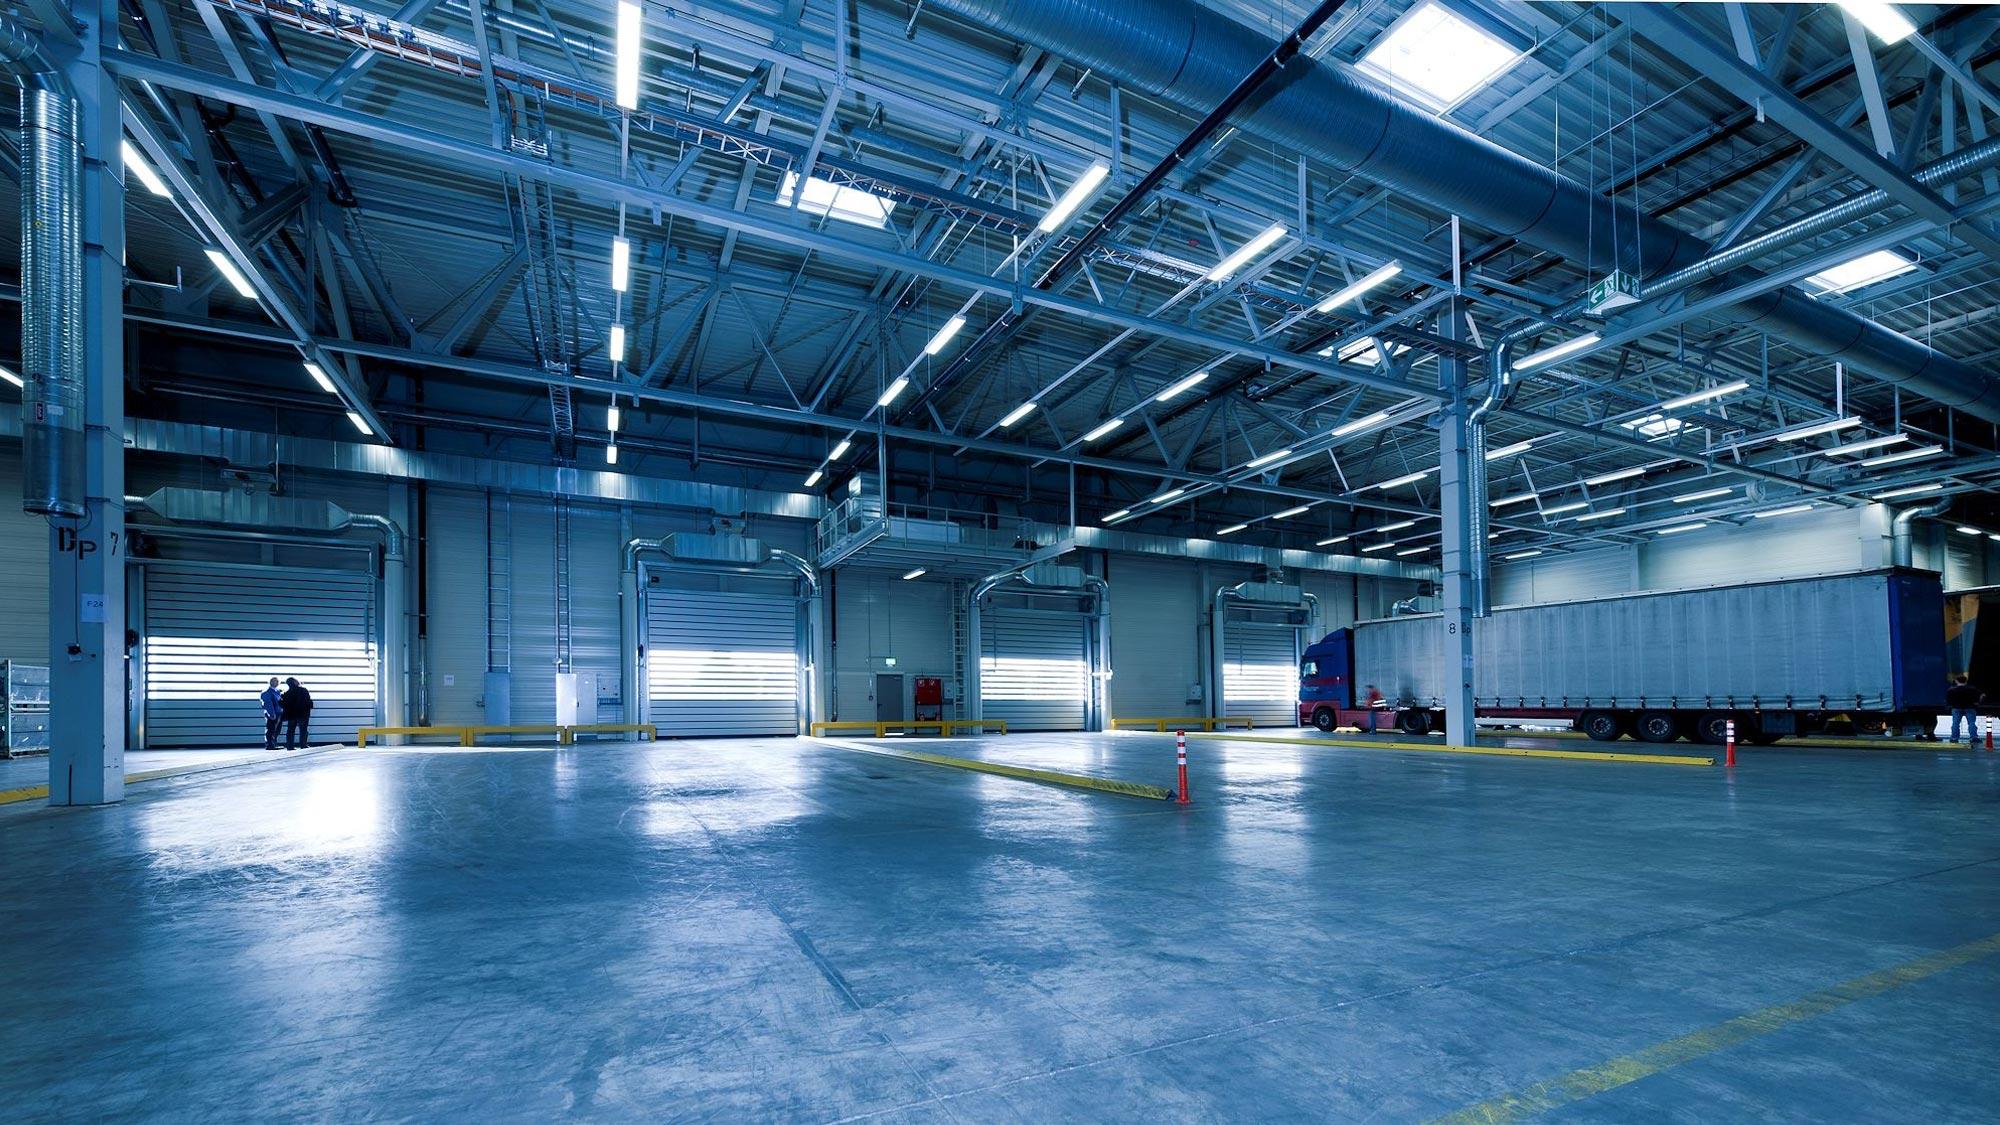 thuê xưởng xây sẵn tiết kiệm chi phí